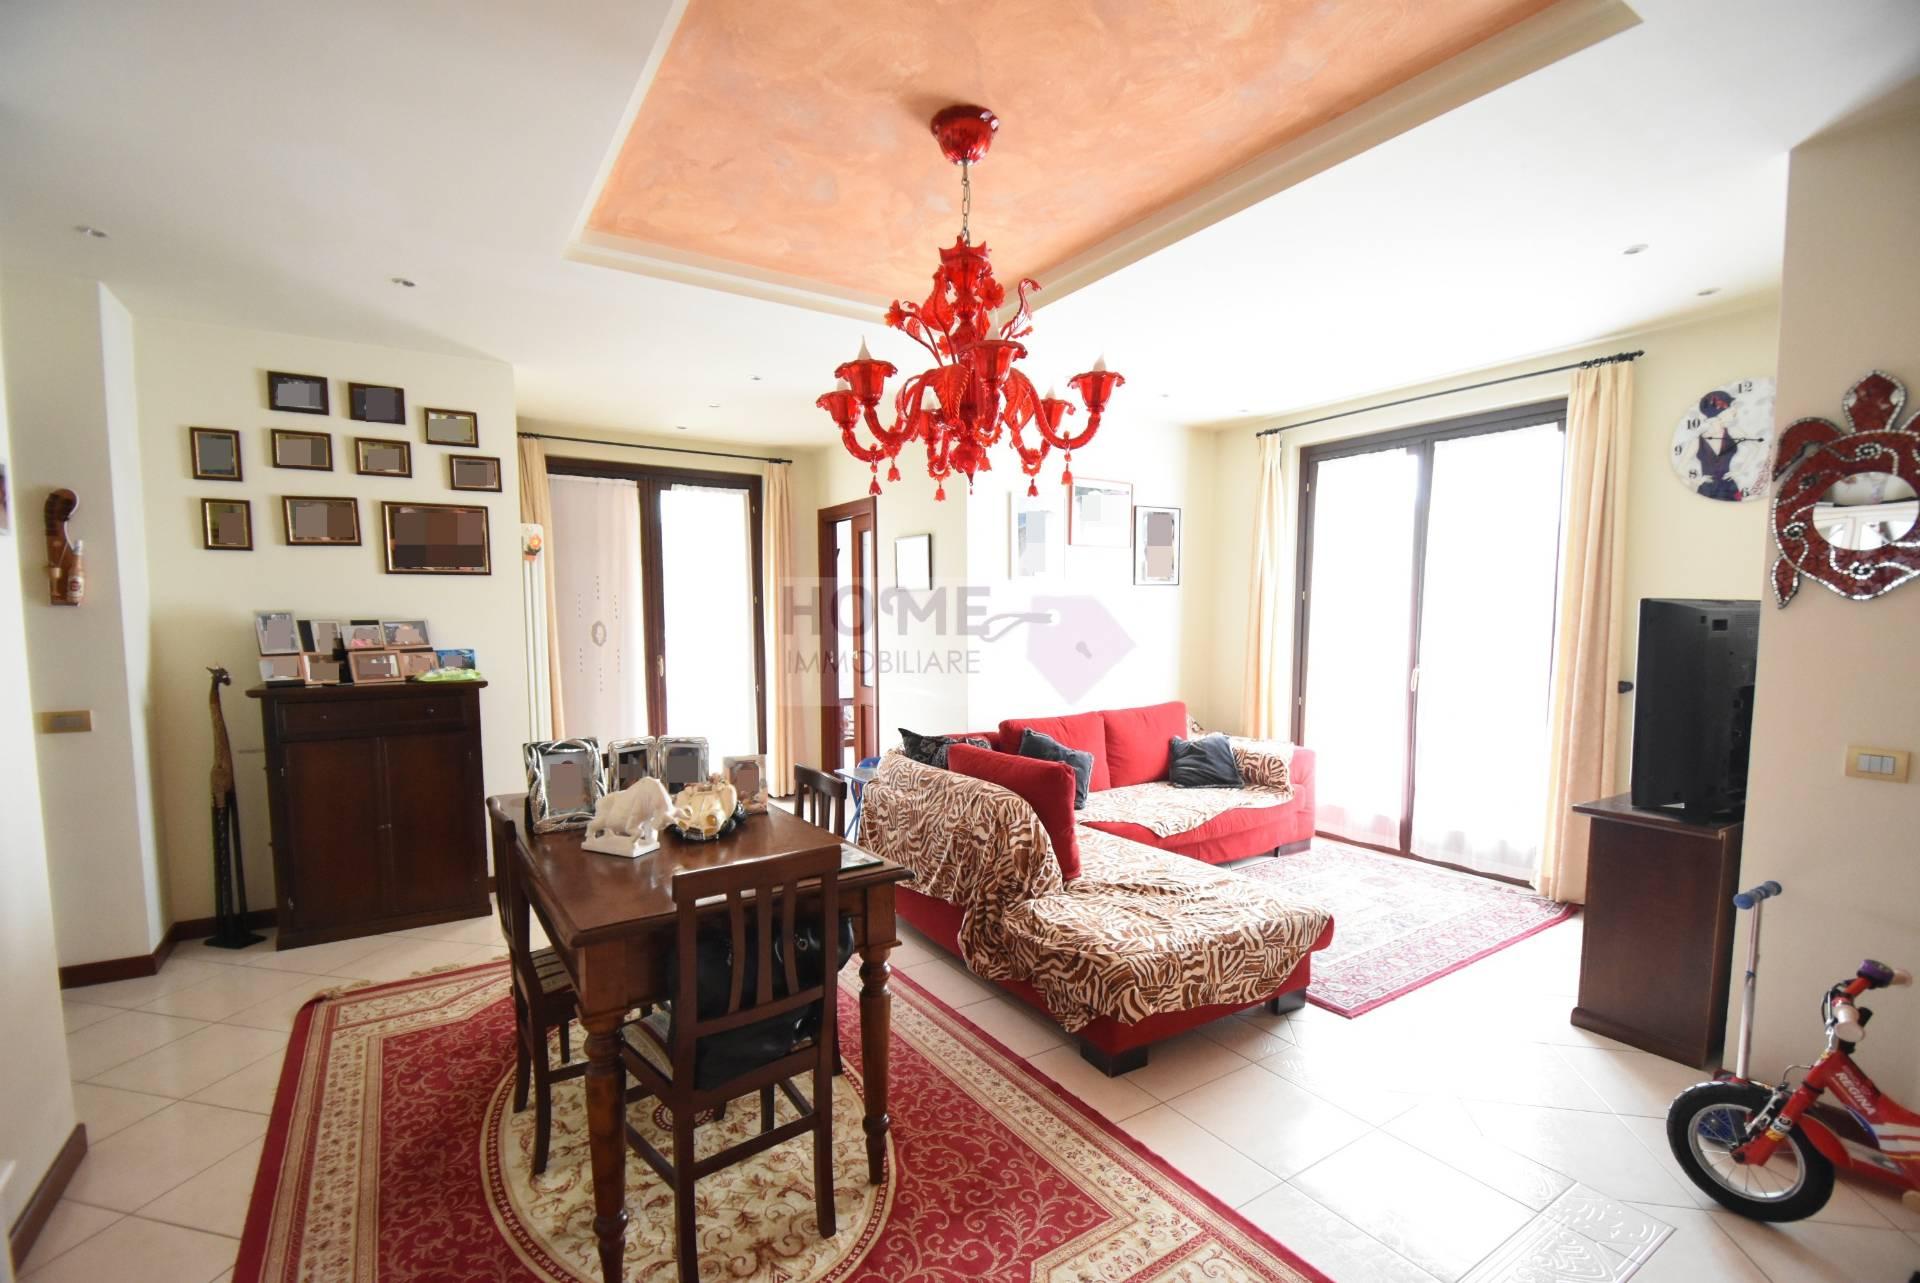 Appartamento in vendita a Caldarola, 7 locali, Trattative riservate   CambioCasa.it